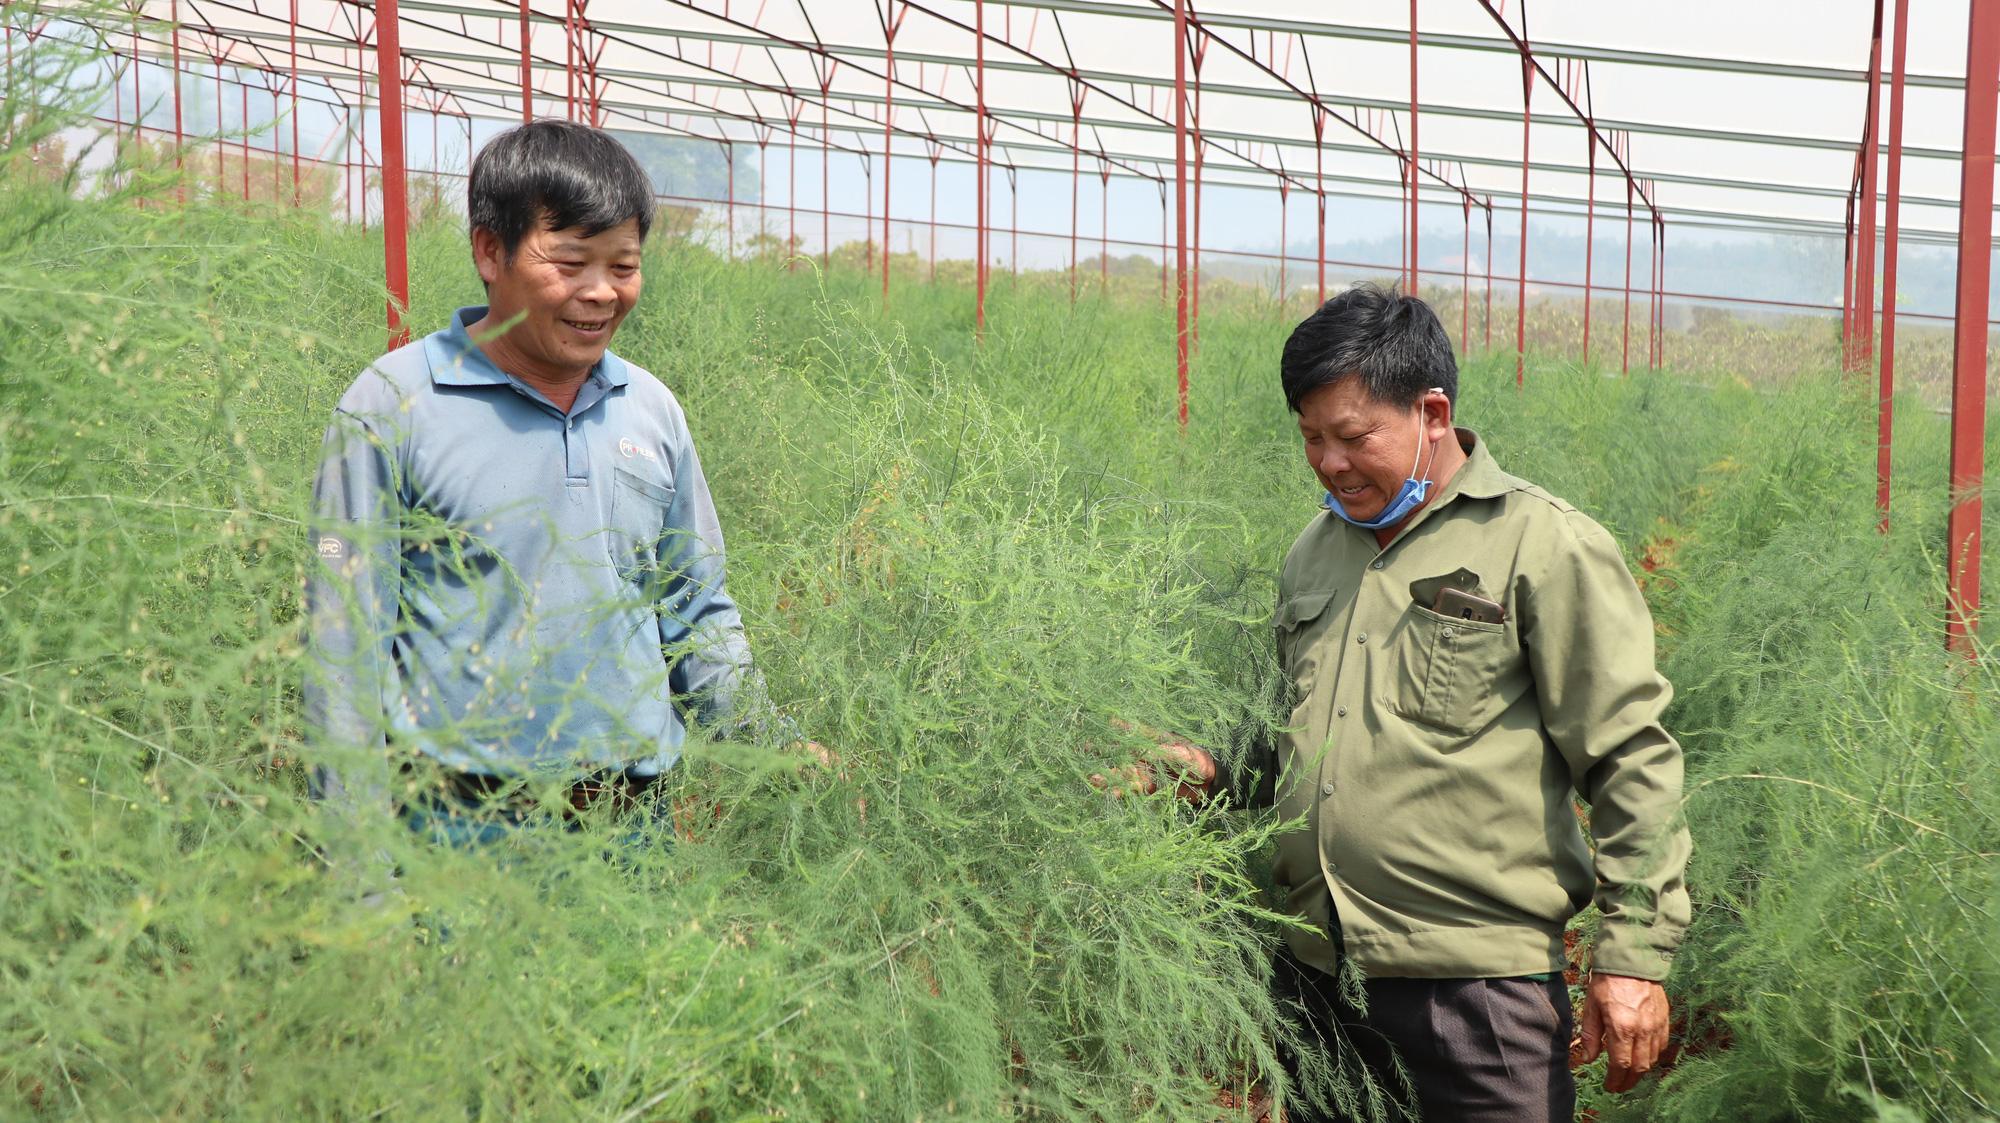 Đánh liều phá cà phê trồng măng tây, mỗi ngày thu 400kg, bán cho thương lái 60.000 đồng/kg - Ảnh 4.